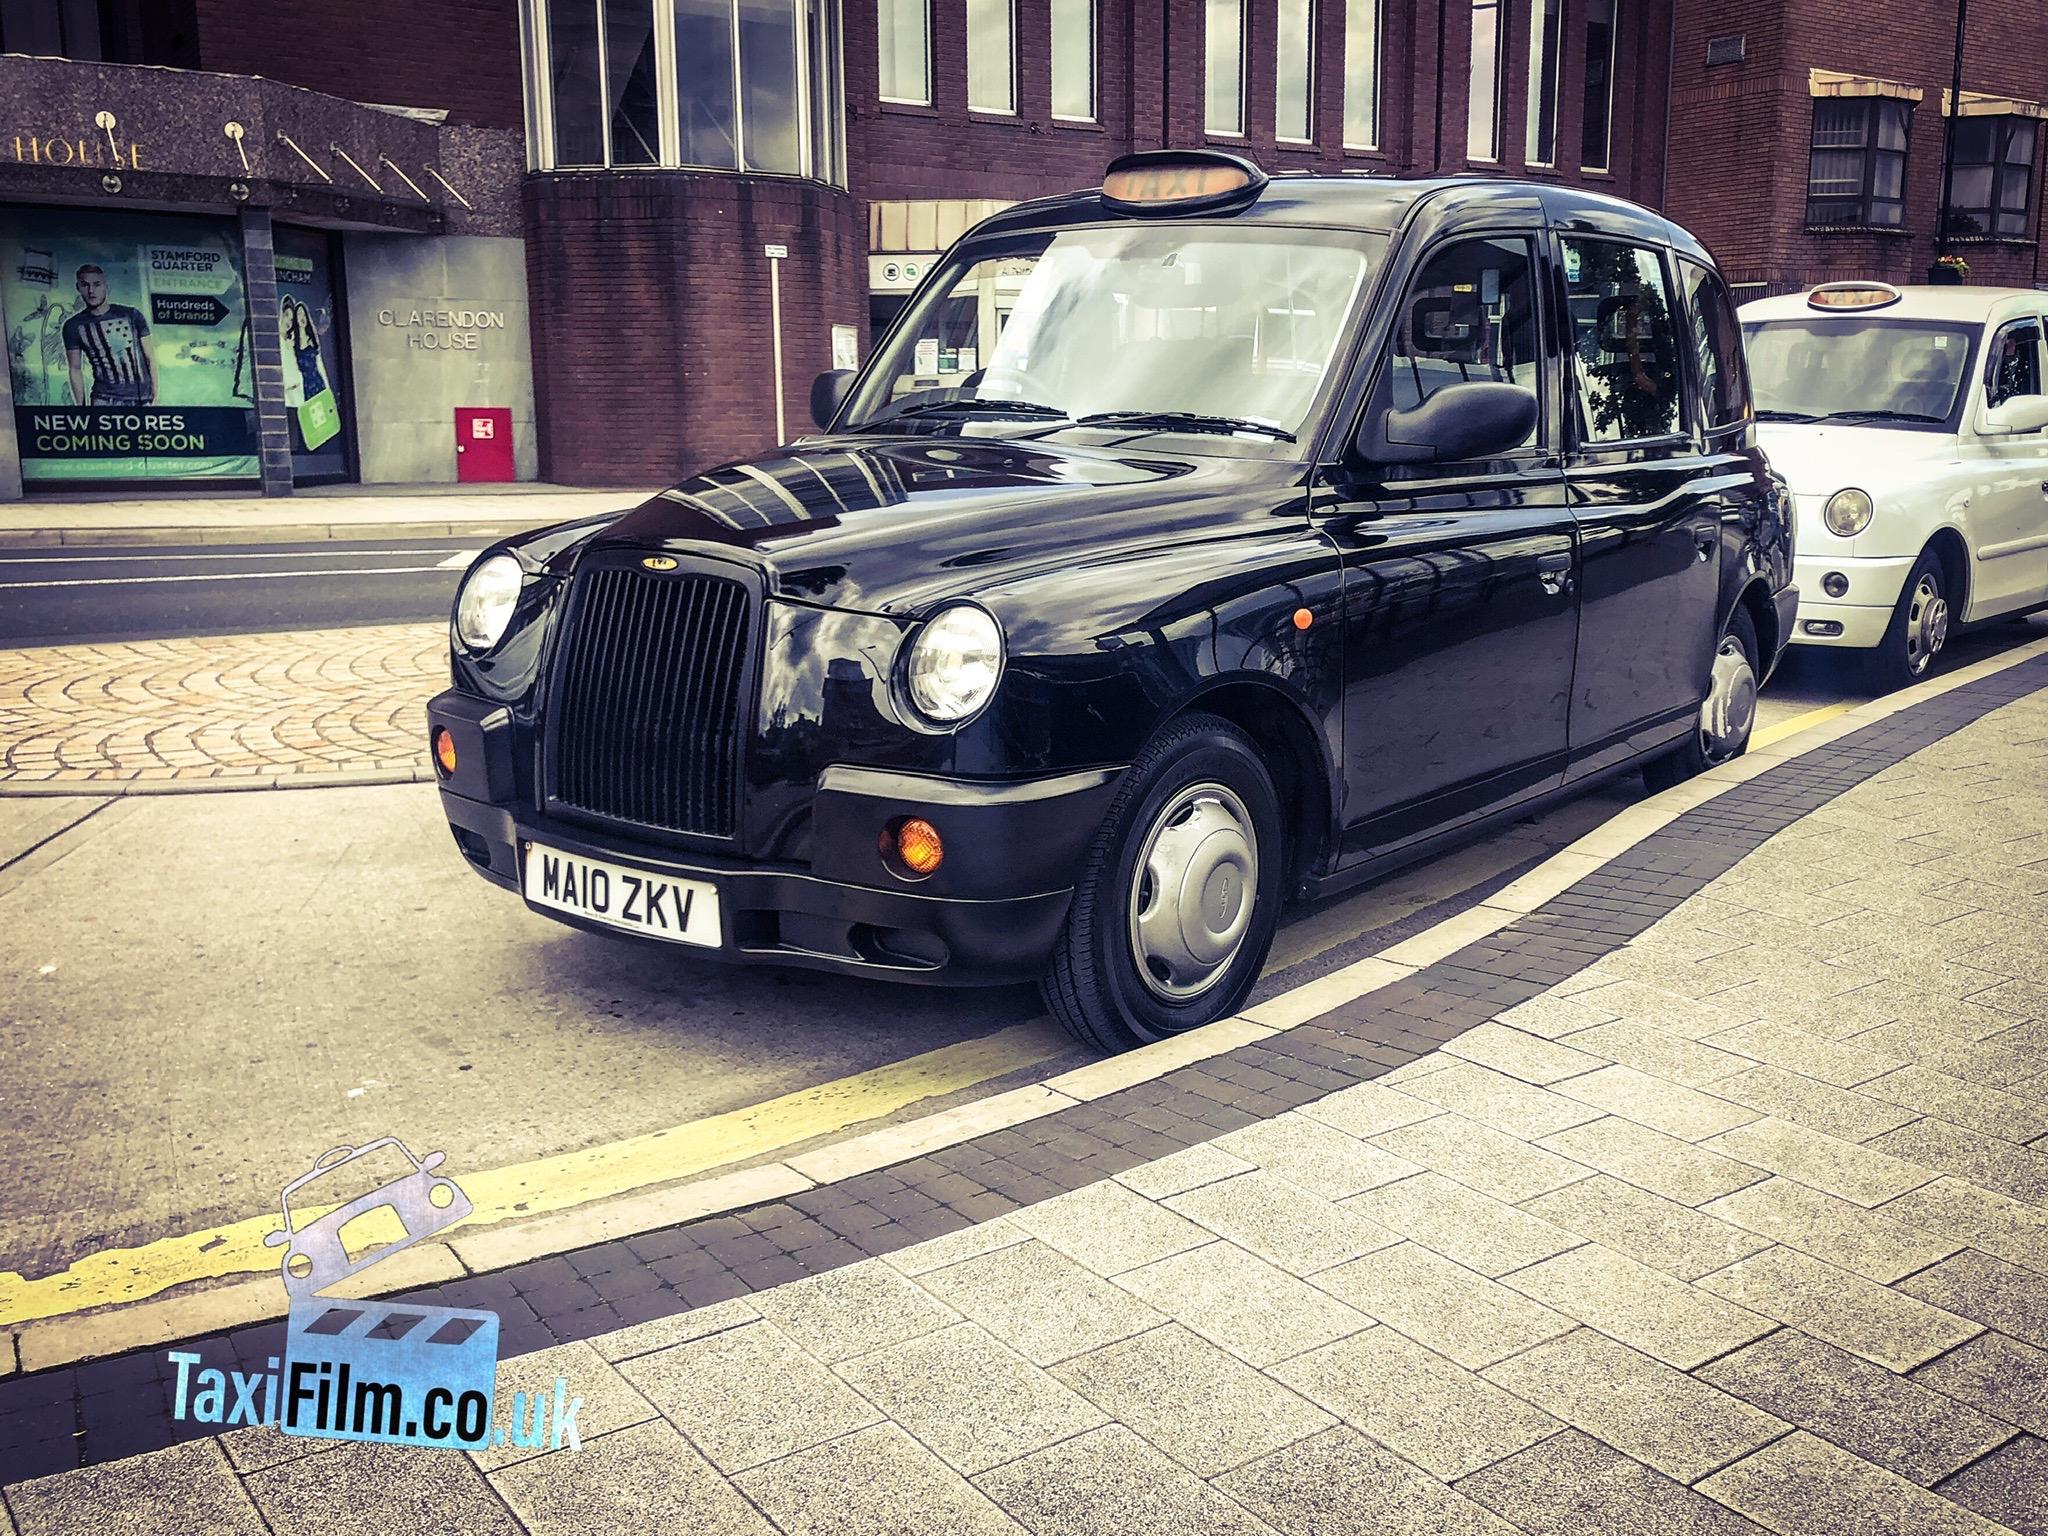 black tx4 prop car taxi